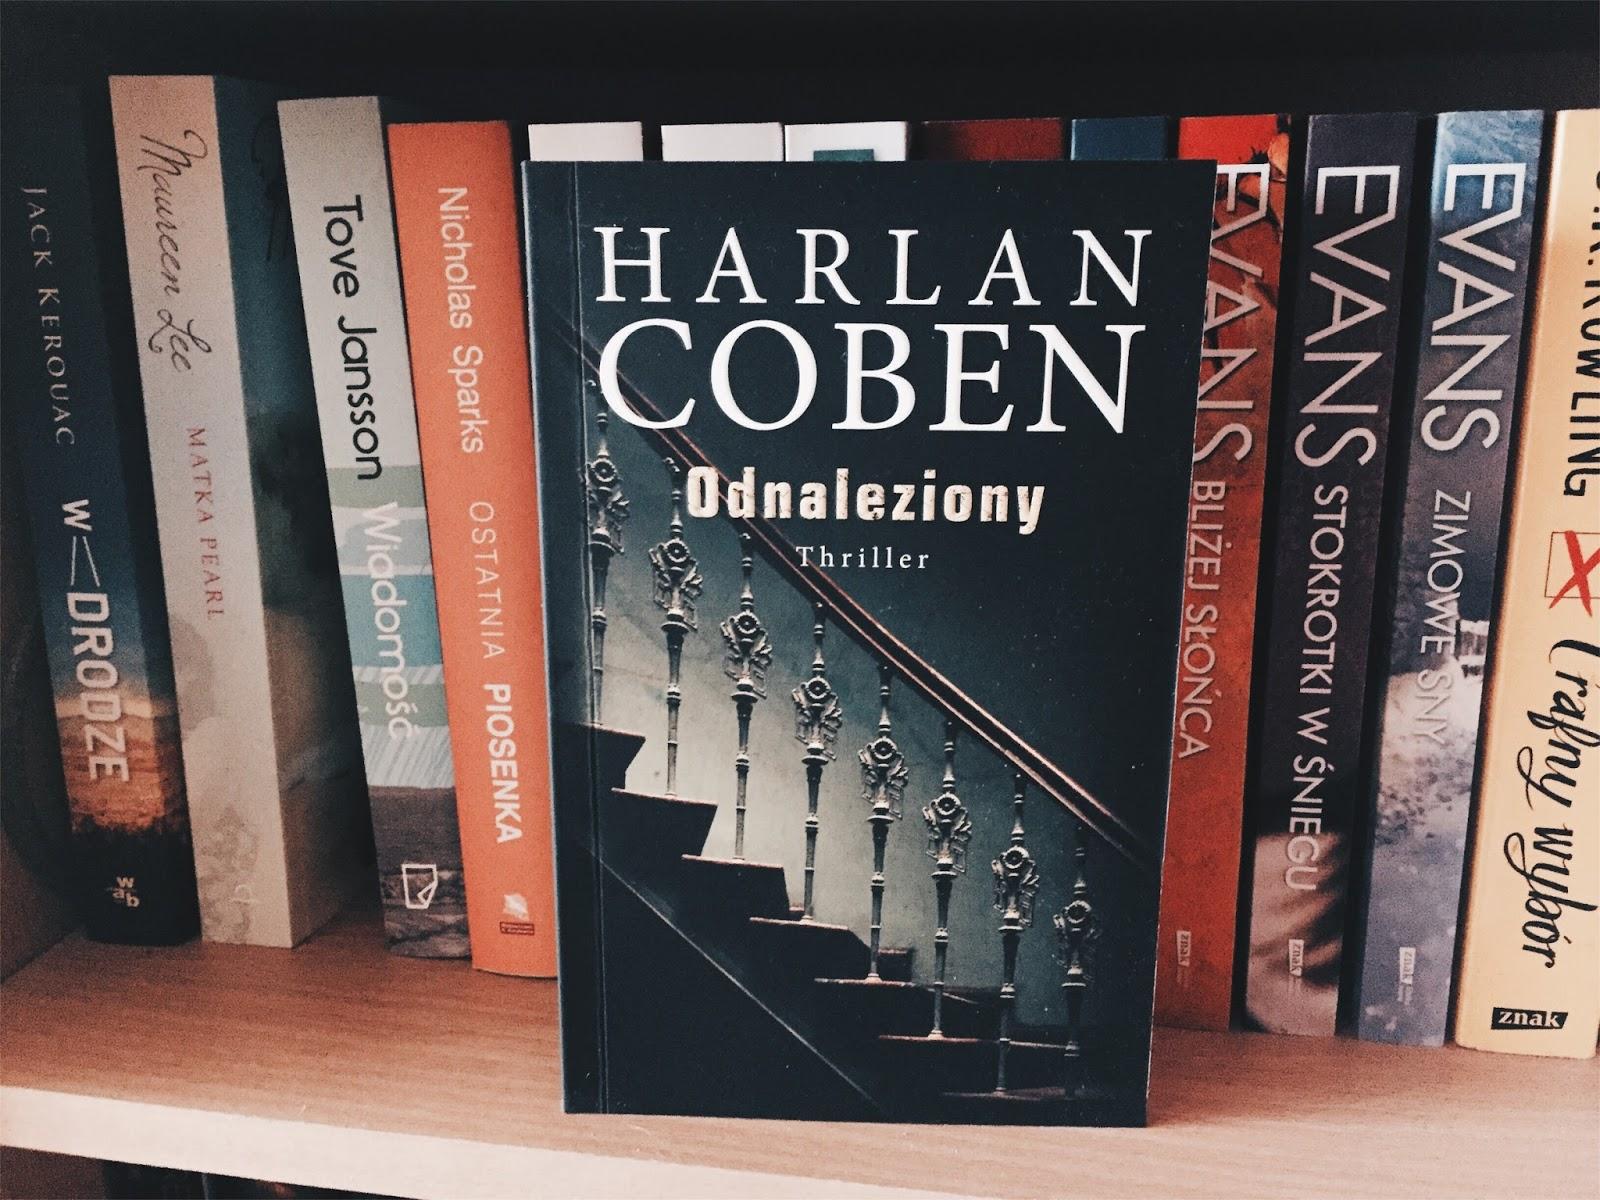 Odnaleziony, Harlan Coben